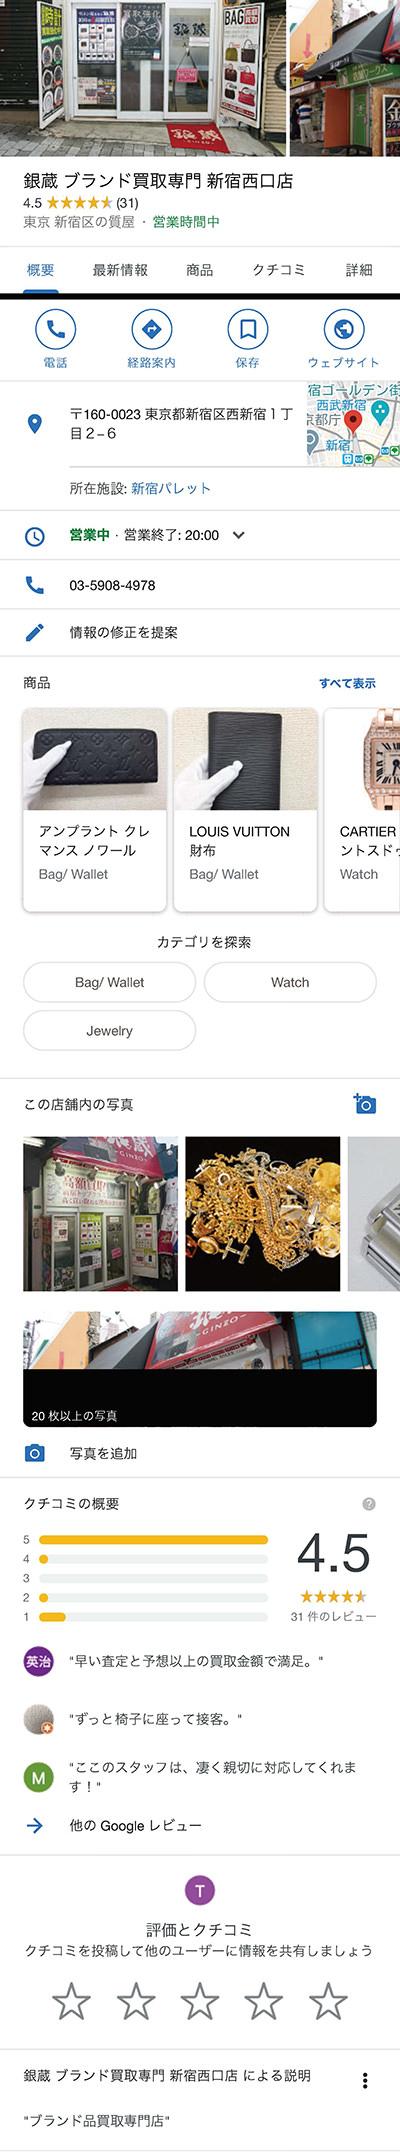 店舗への詳細ページには、電話、ウェブサイト、クチコミが見られます